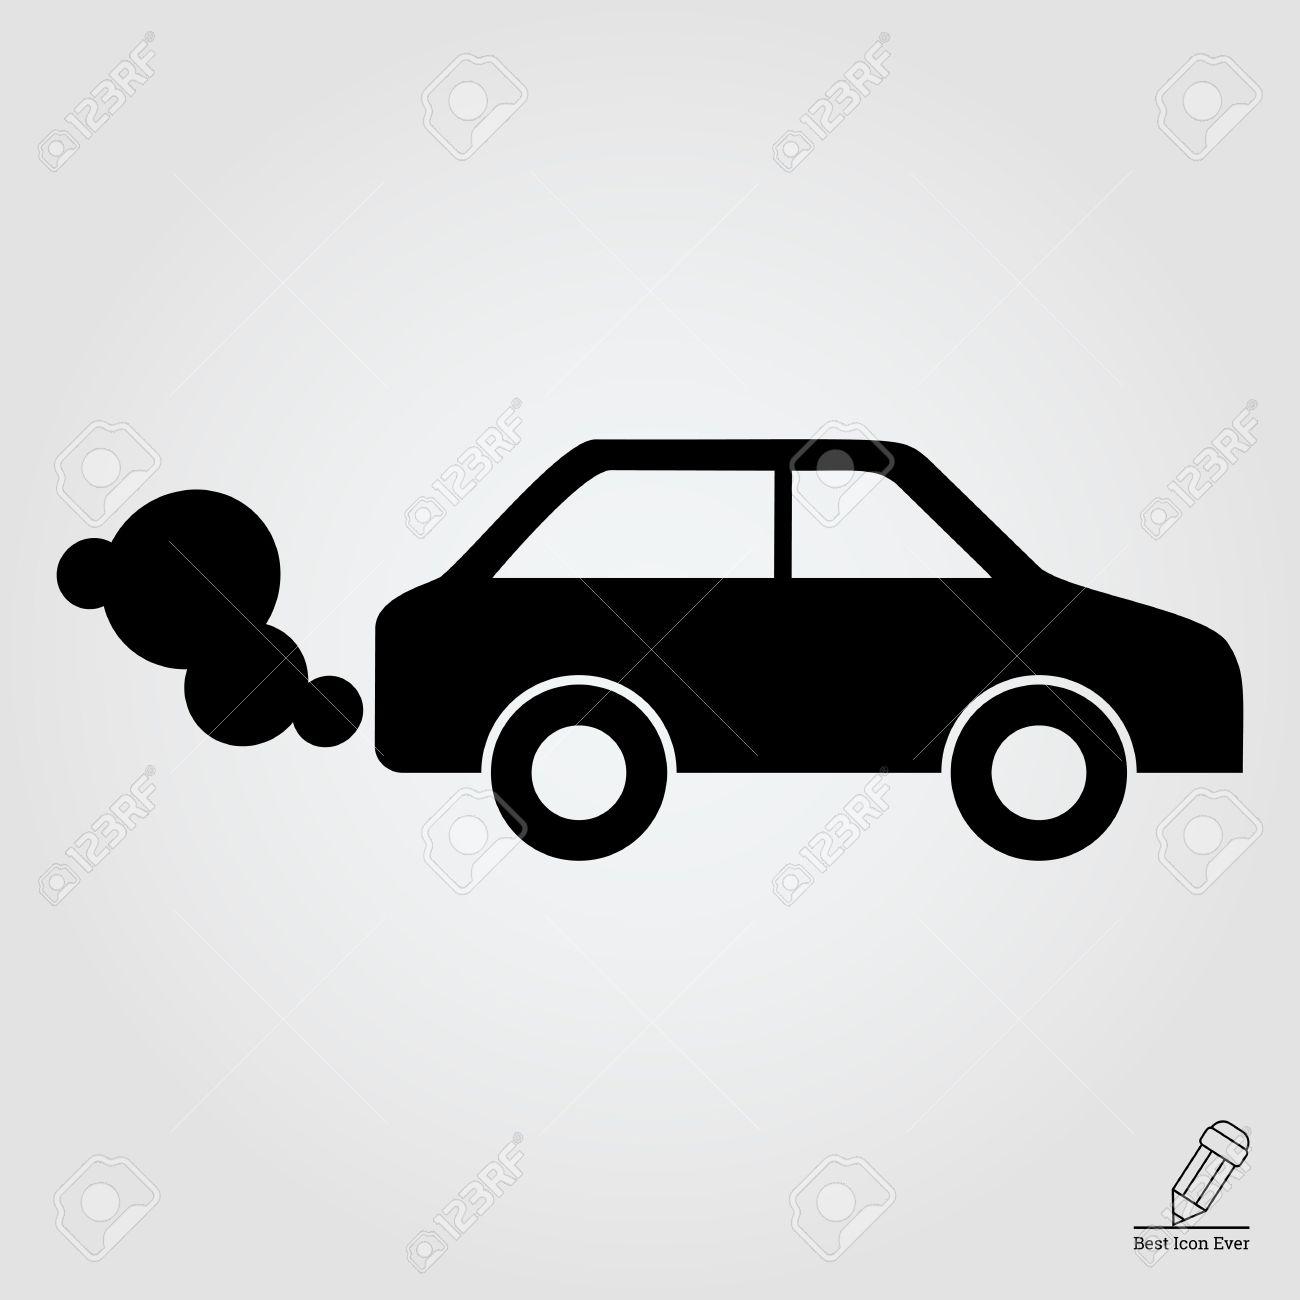 Car Emitting Stock Illustrations – 525 Car Emitting Stock Illustrations,  Vectors & Clipart - Dreamstime